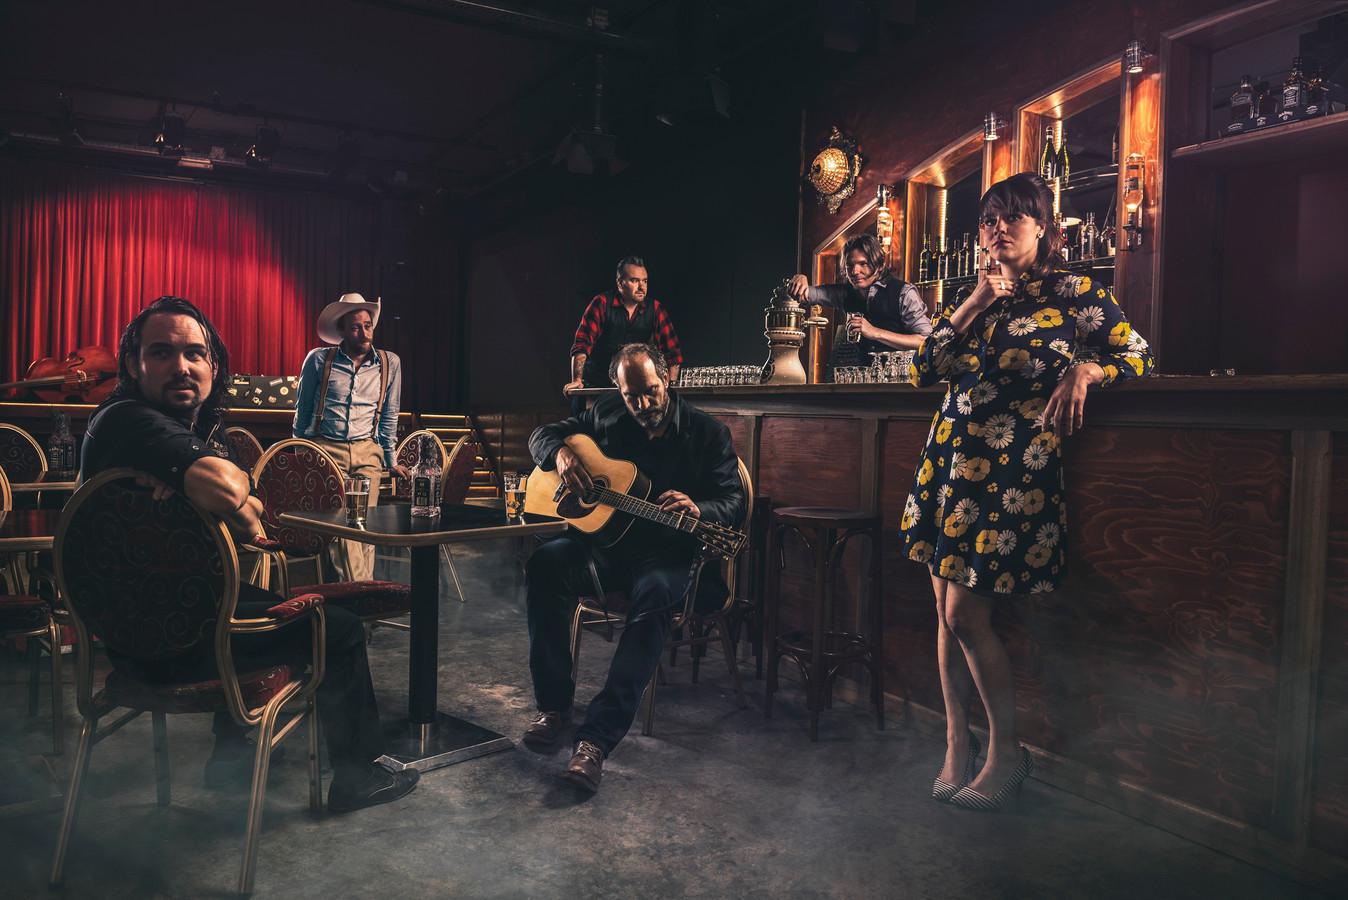 DEF Americans, coverband van Johnny Cash uit Eindhoven, op 30 maart in De Schuur.